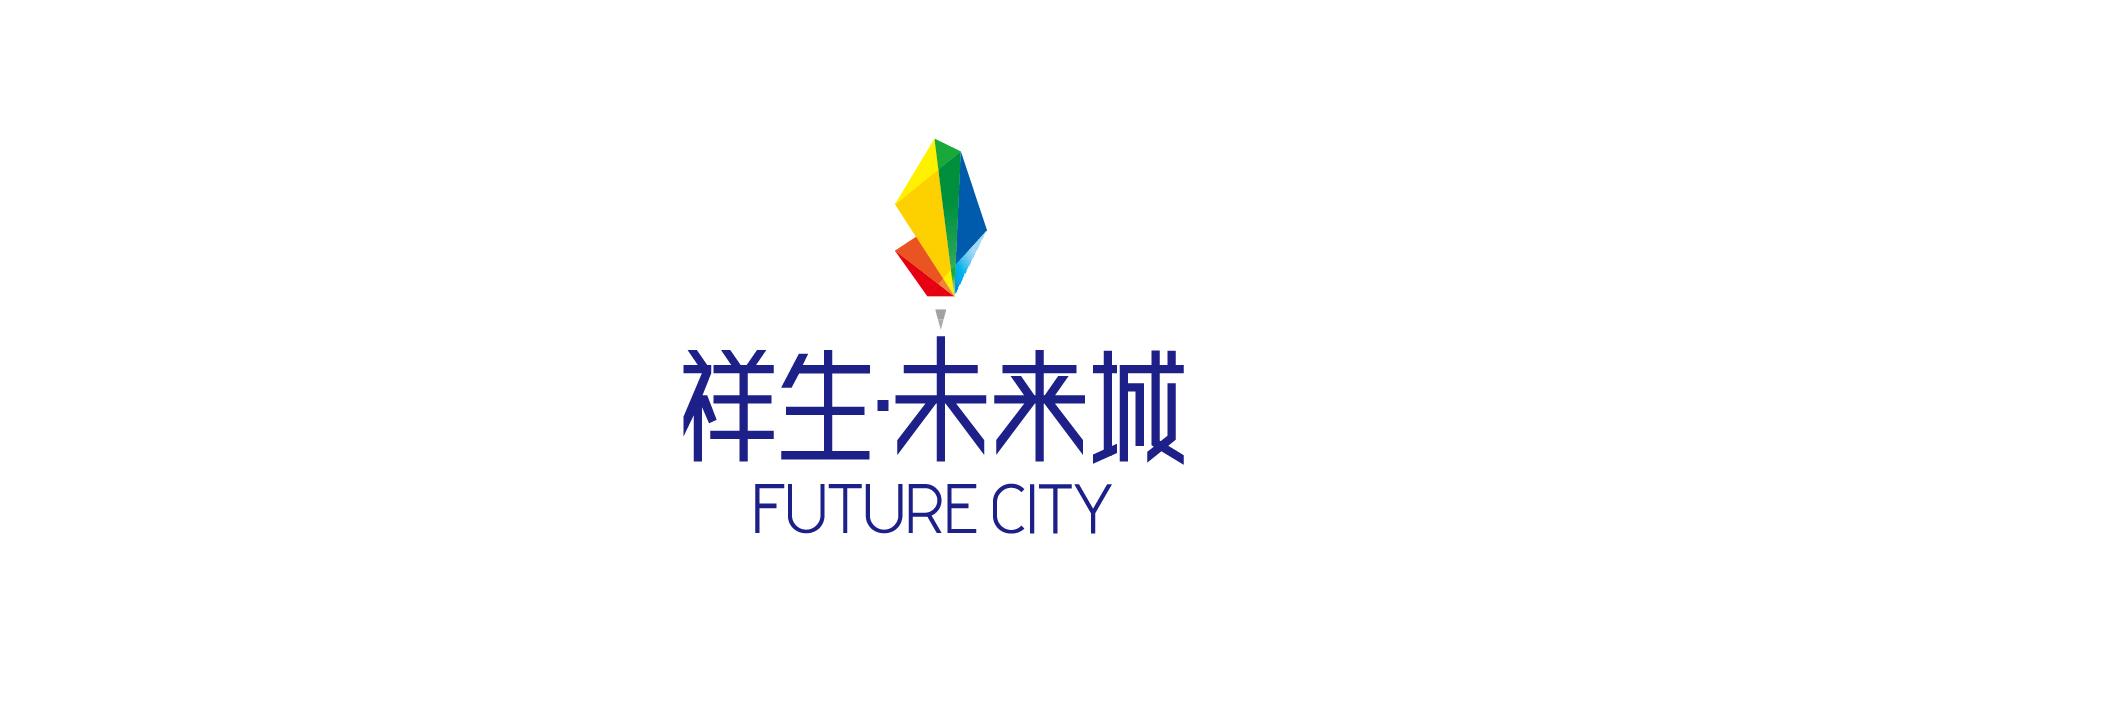 泰兴未来城